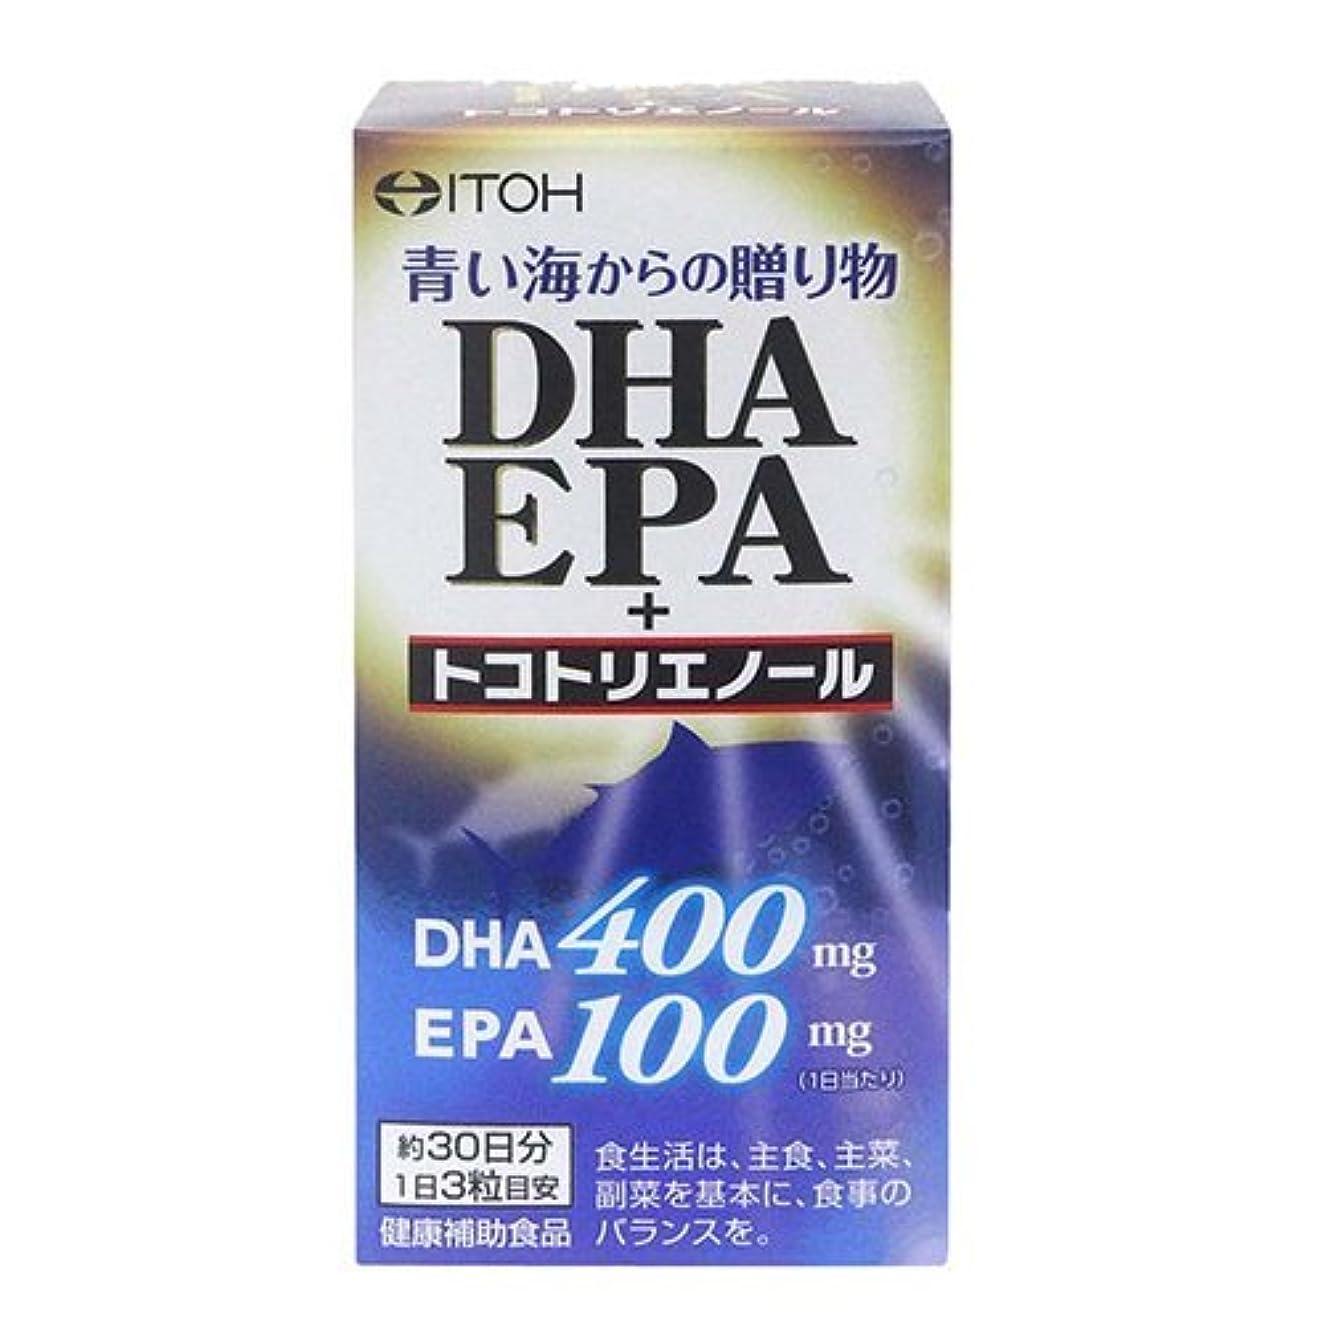 ジェムスタンド彼らは井藤漢方製薬 DHA EPA+トコトリエノール 約30日分 90粒 Japan